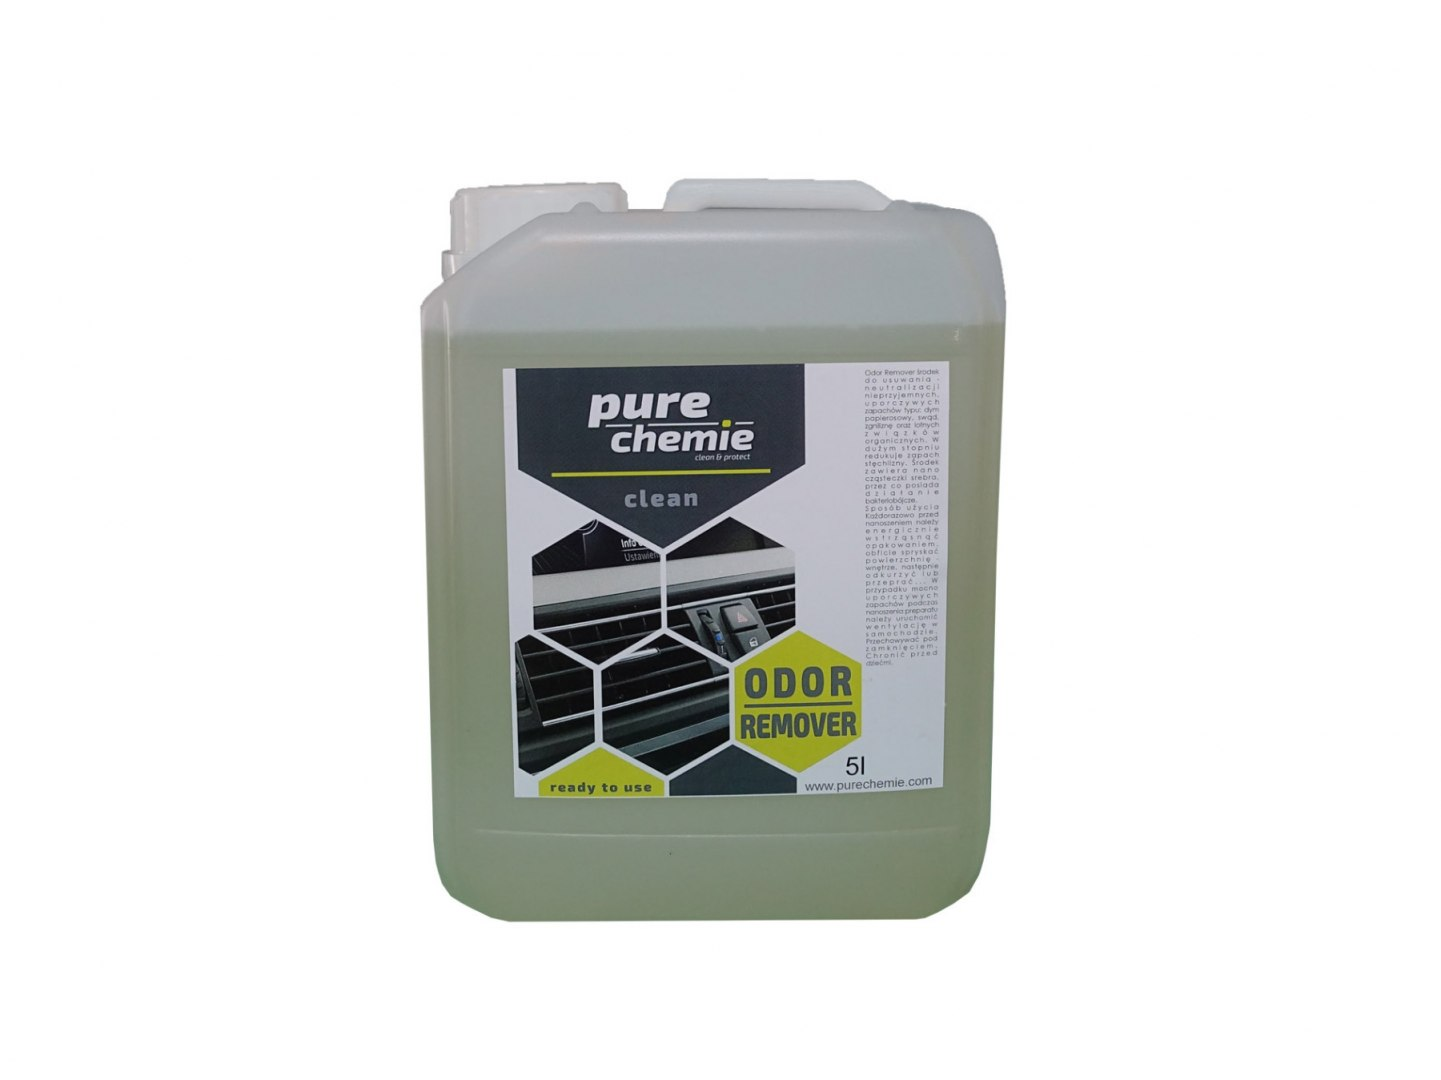 Pure Chemie Odor Remover 5L (Neutralizator zapachów) - GRUBYGARAGE - Sklep Tuningowy